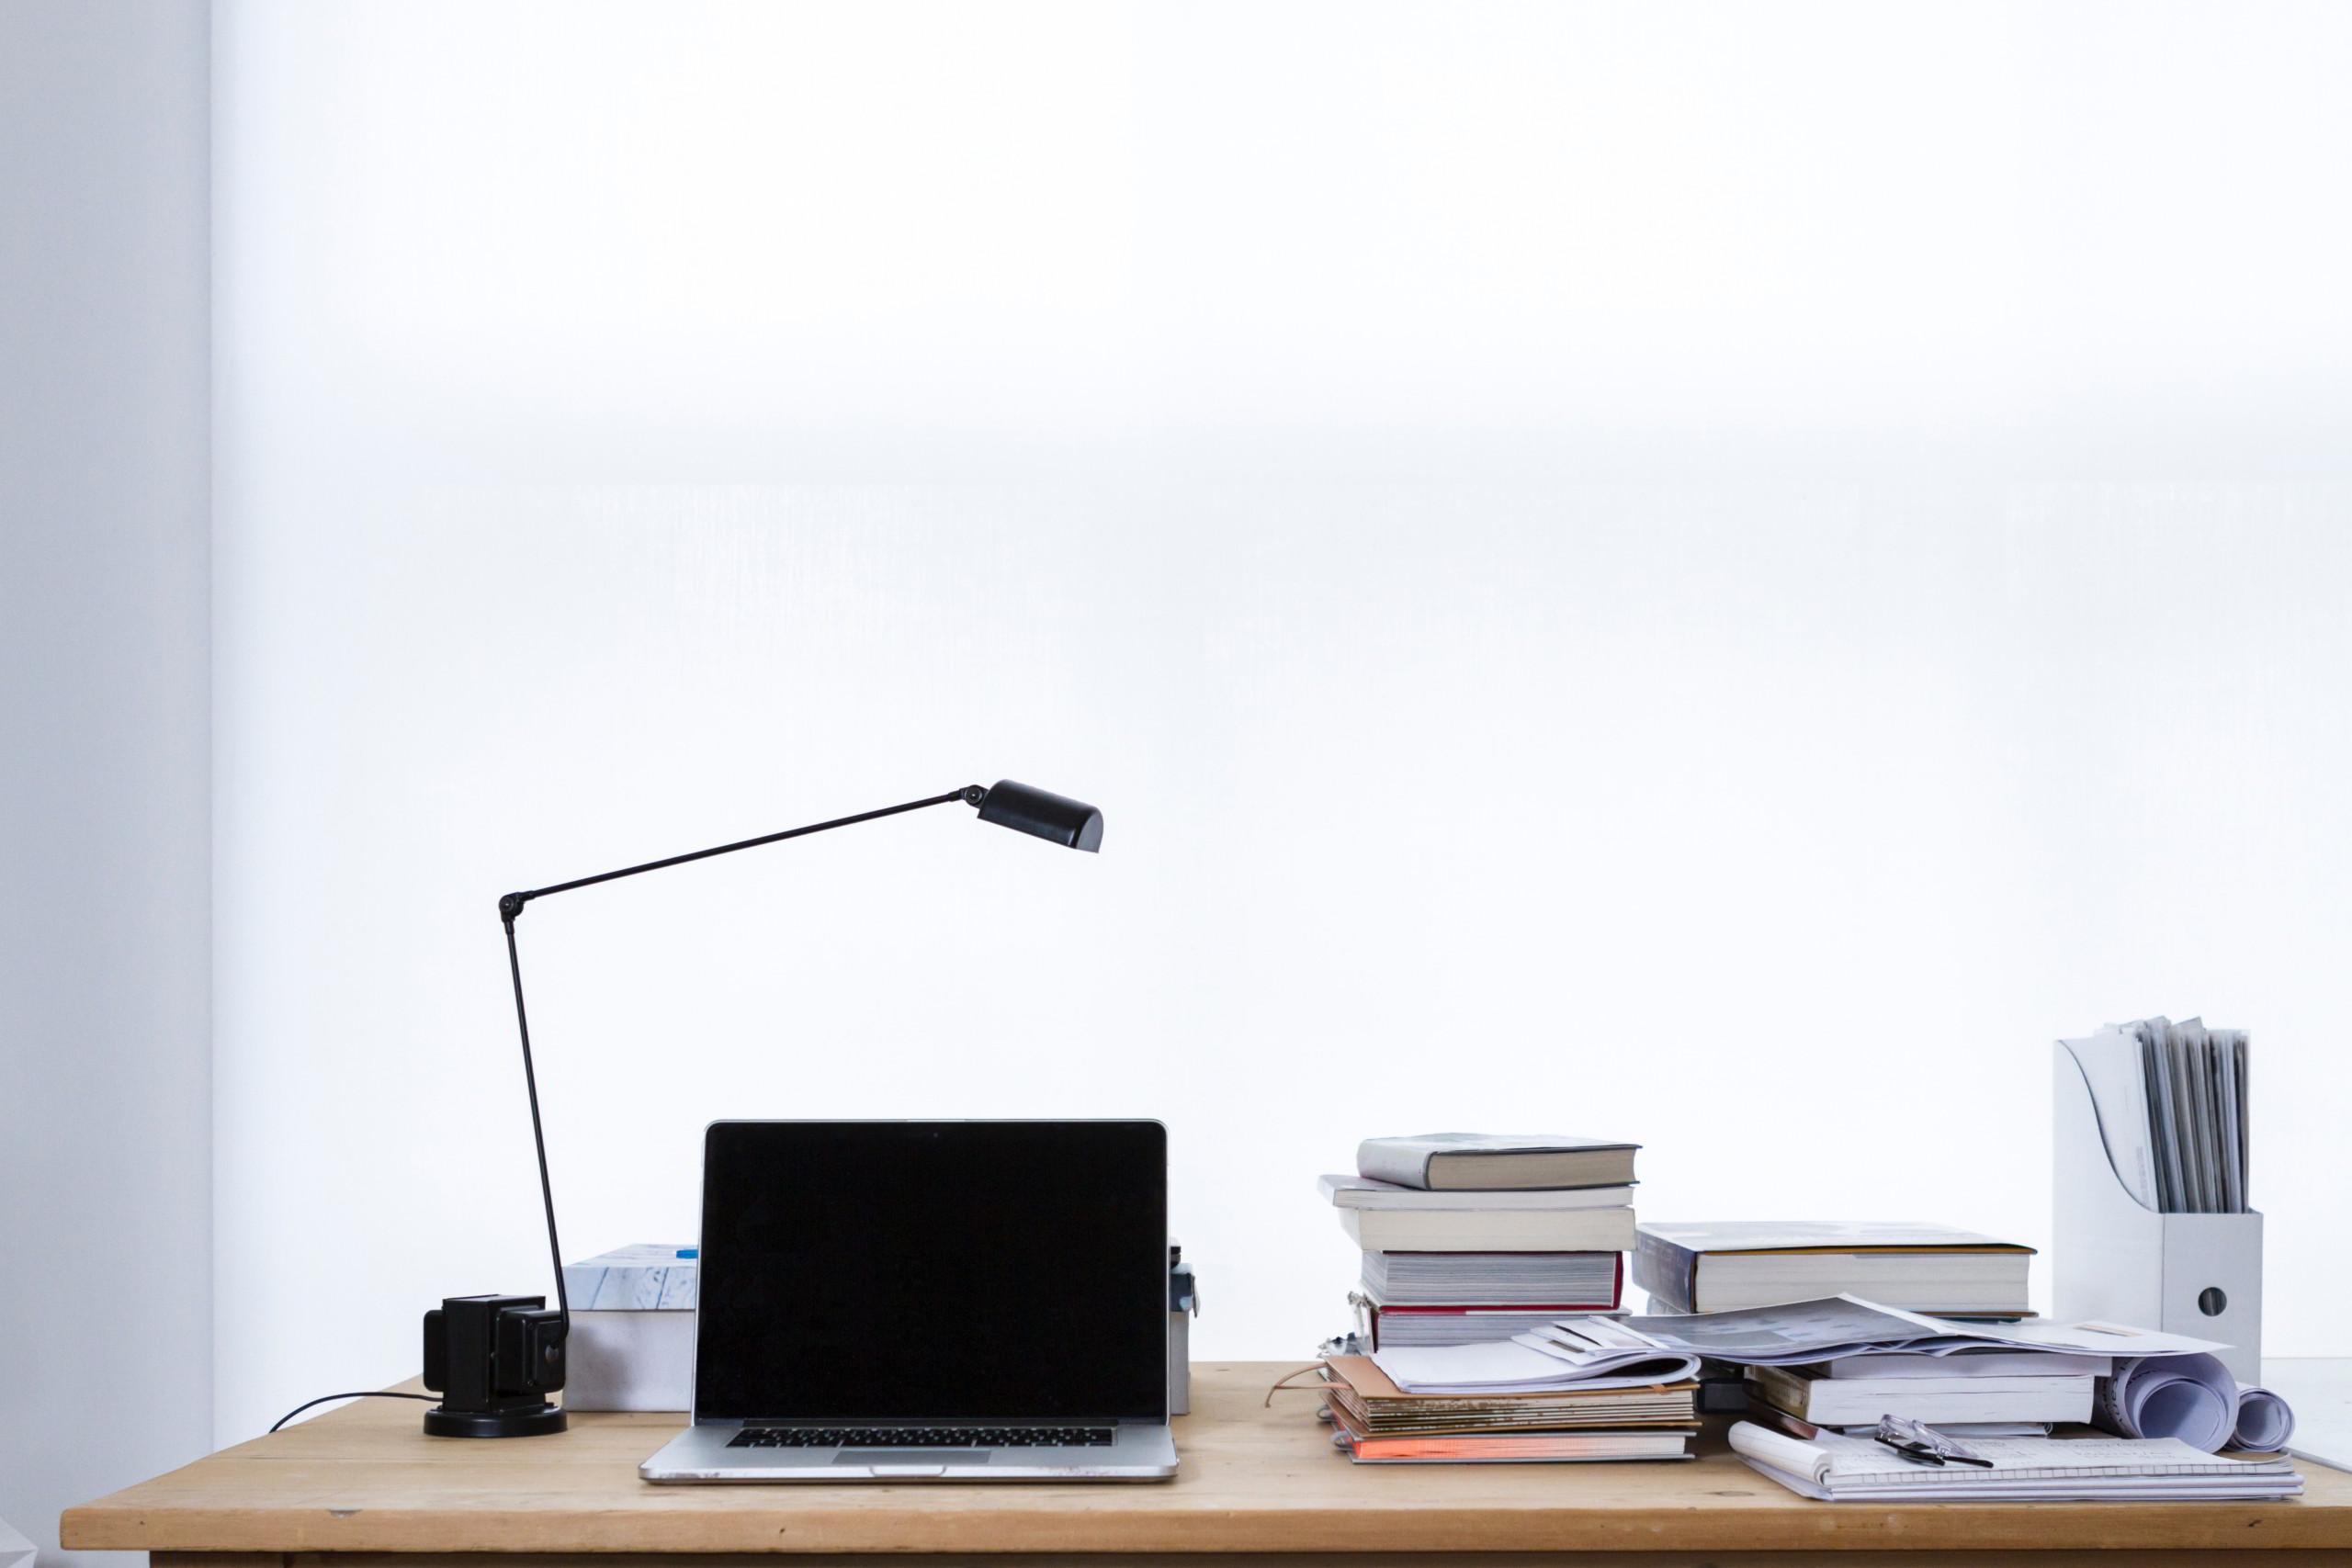 Schreibtisch vor weißer Wand